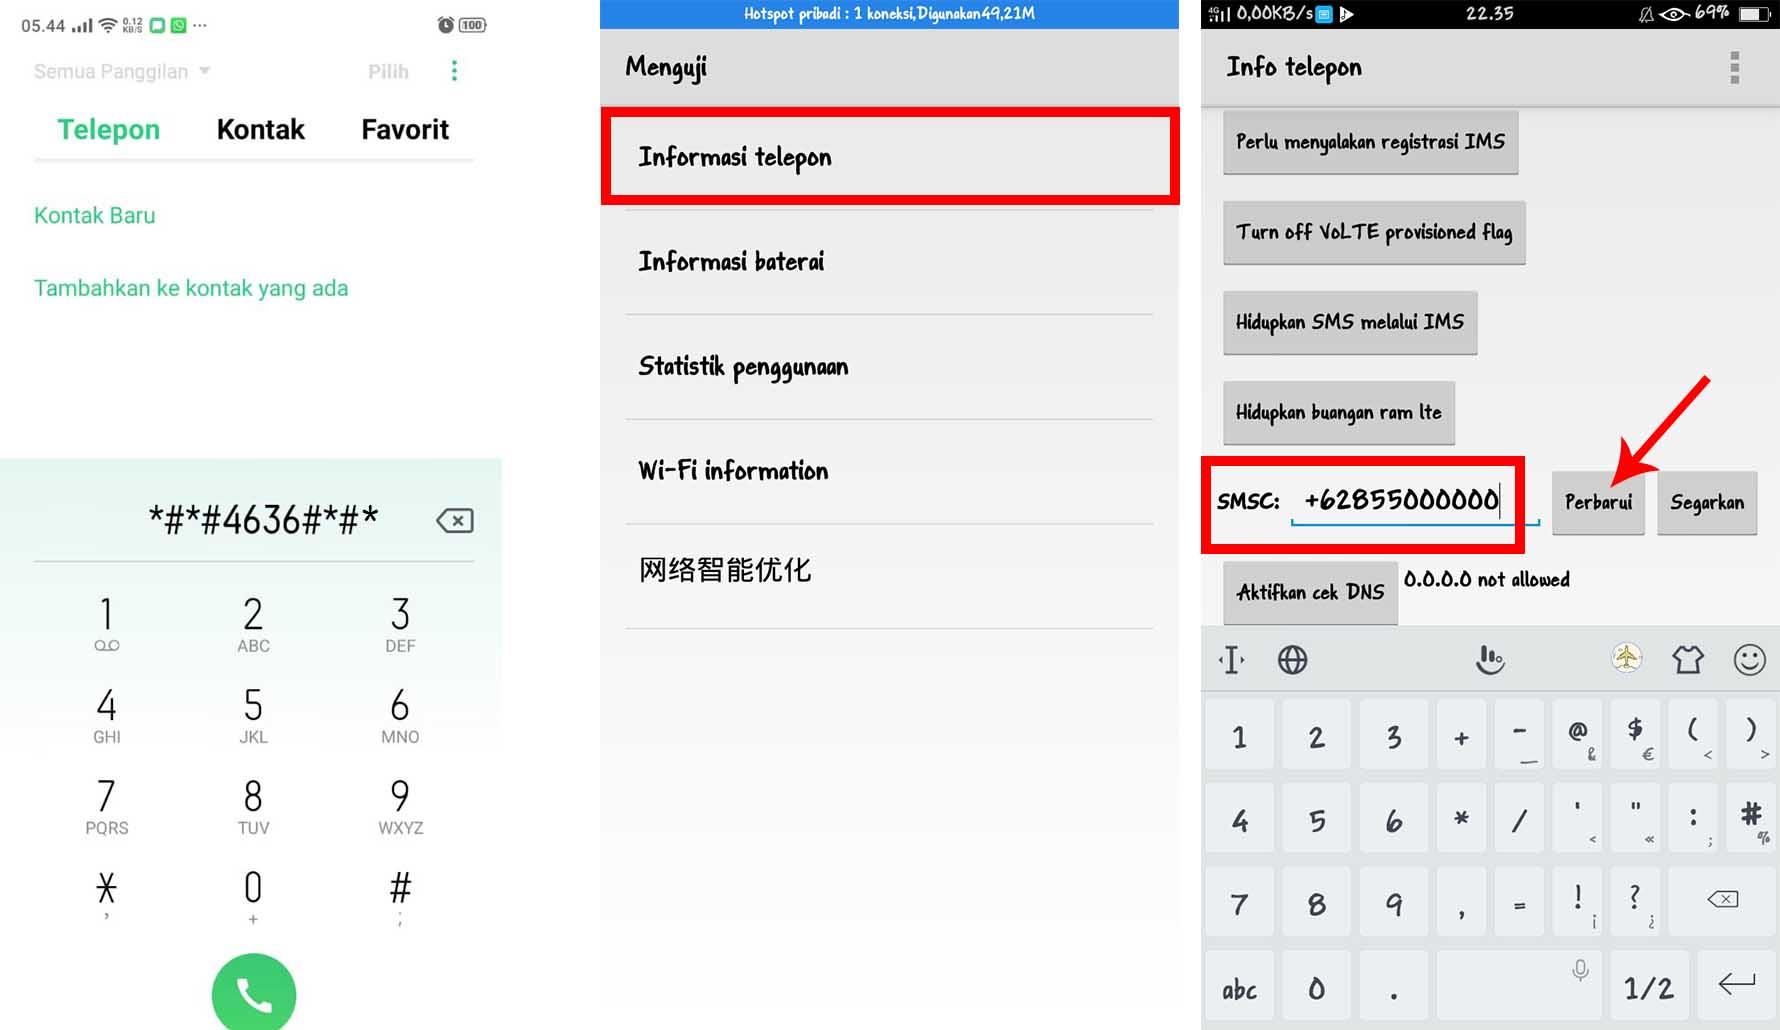 Cara Mengganti SMSC Indosat